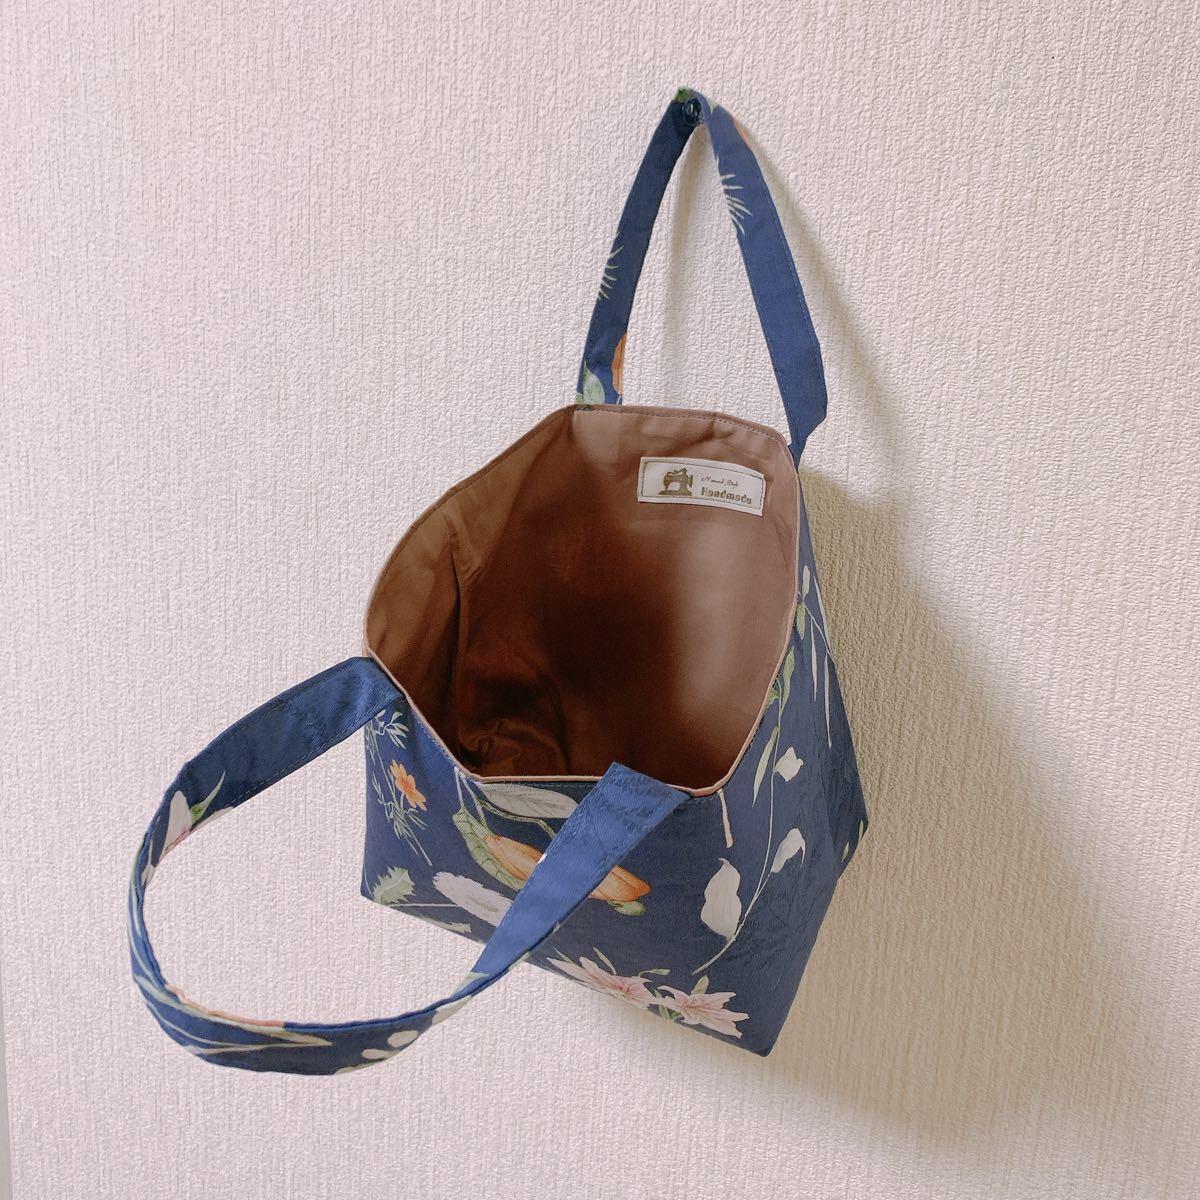 ハンドメイド トートバッグ ランチボックス お弁当袋 ミニバッグ 鞄 レディース